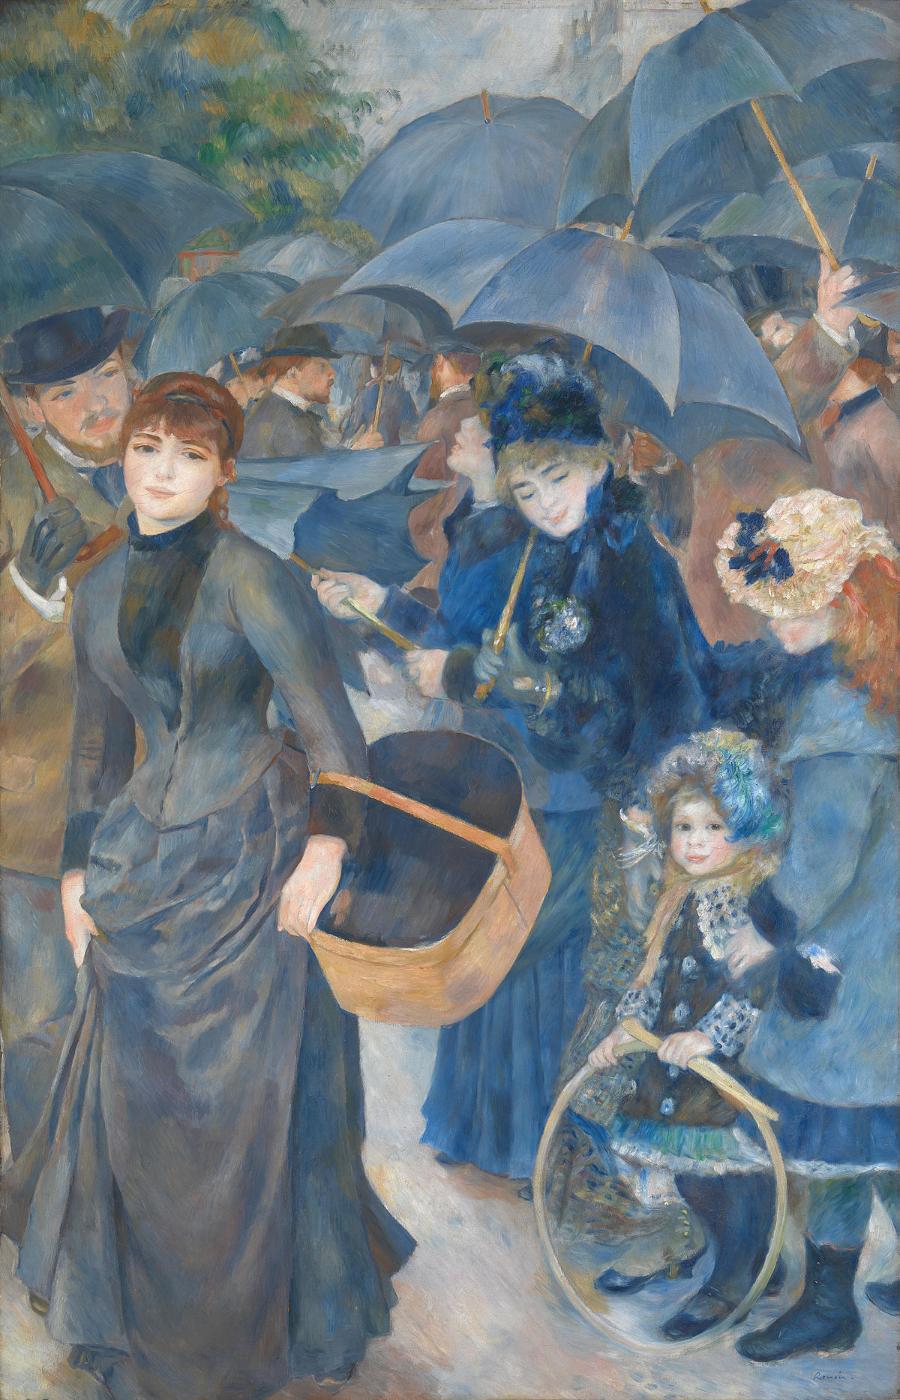 Pierre Auguste Renoir, Les parapluies, ca. 1881-86 National Gallery de Londres. Suzanne Valadon